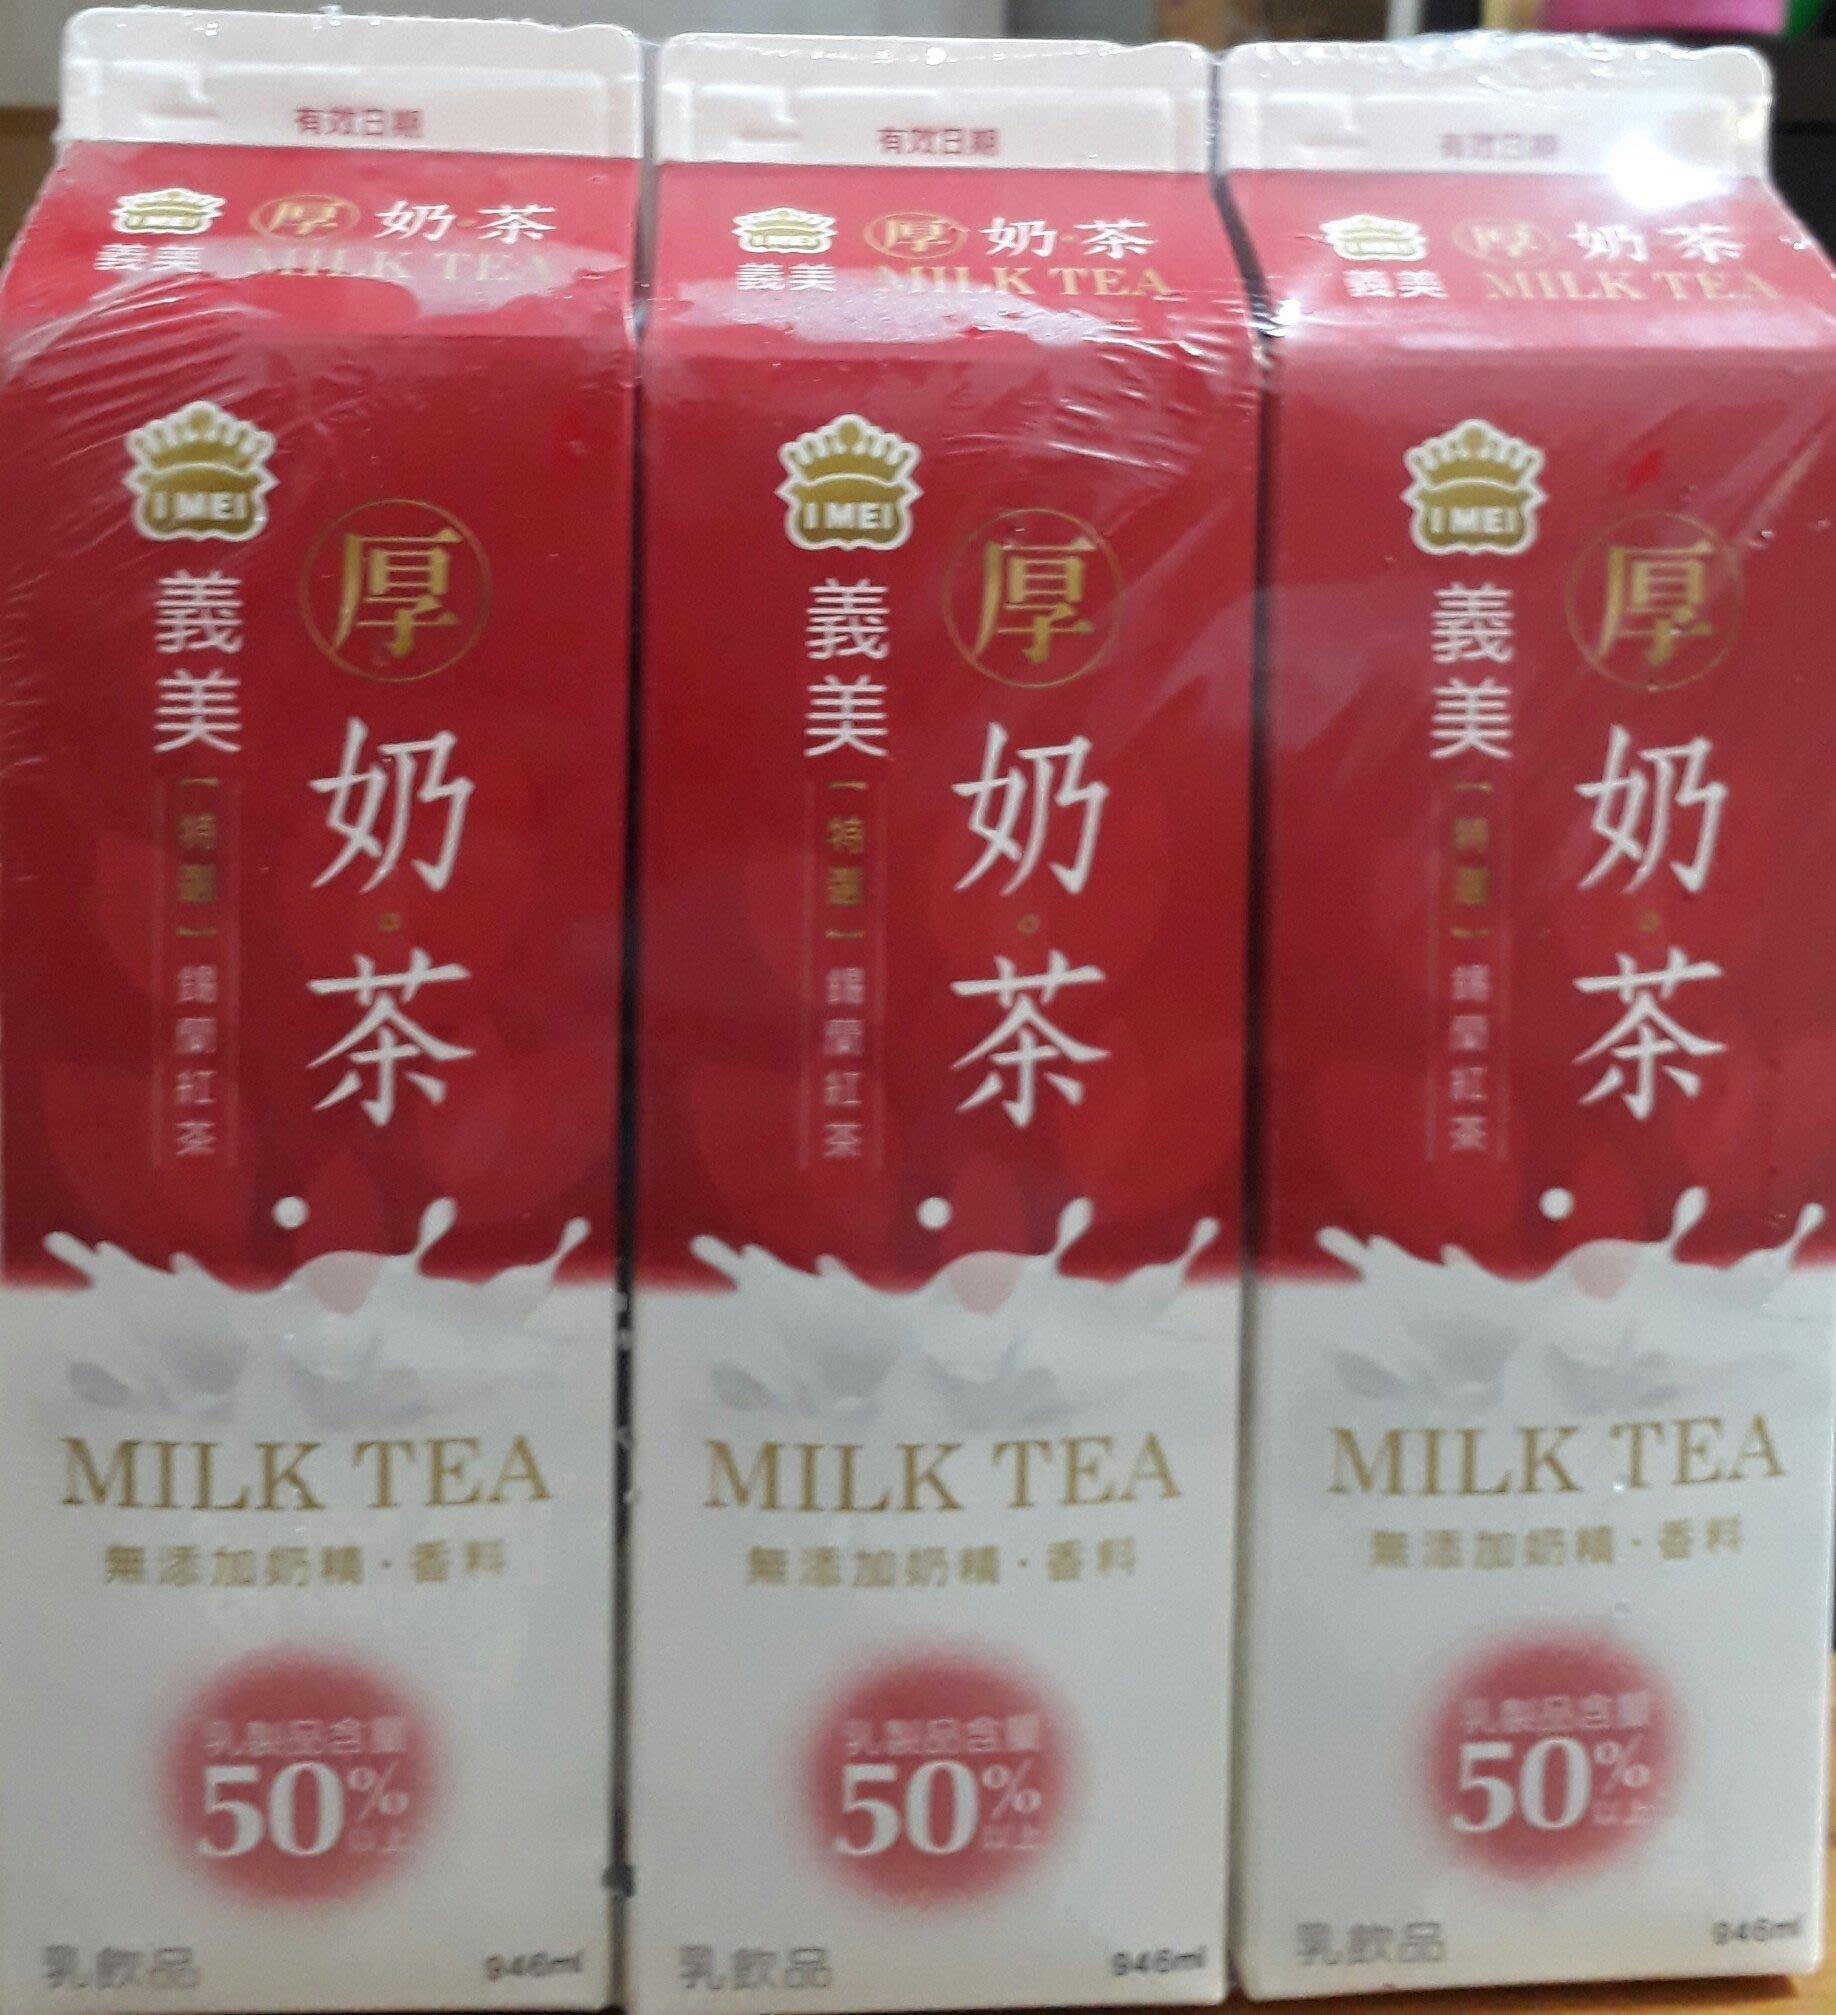 義美厚奶茶(一組3瓶)1組